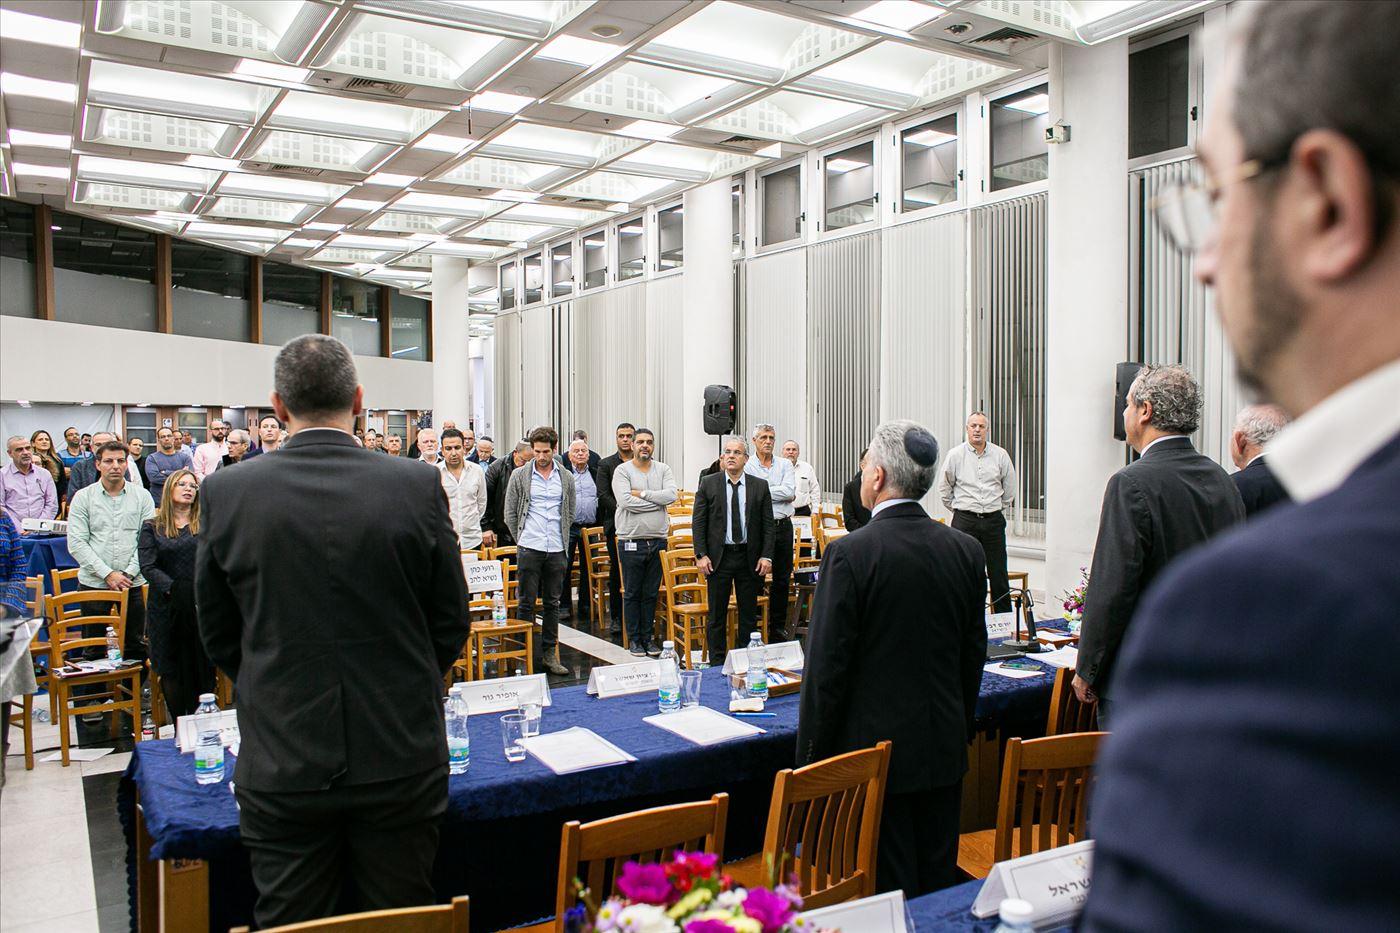 גלרייה - האסיפה הכללית ה-70 תמונה 239 מתוך 239